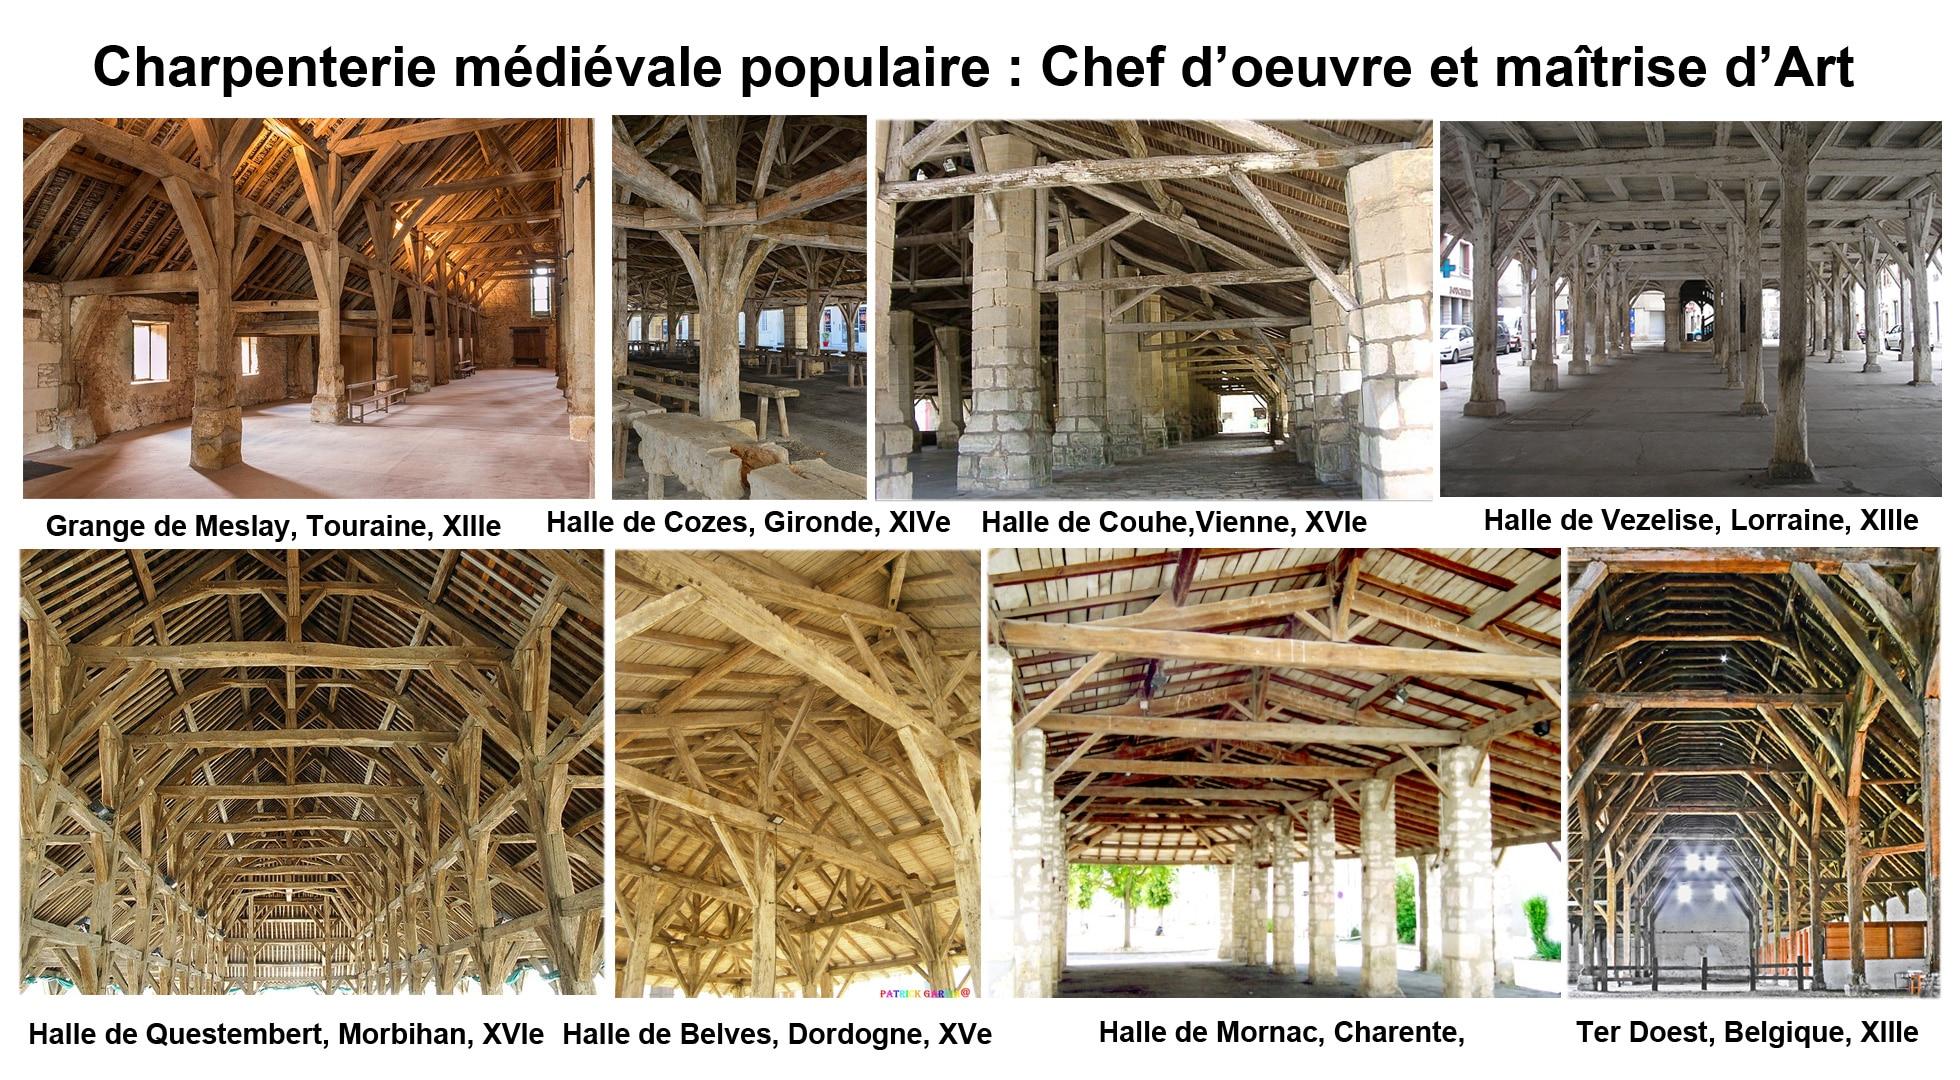 moyen_age_architecture_halle_de_marche_medievale_charpenterie